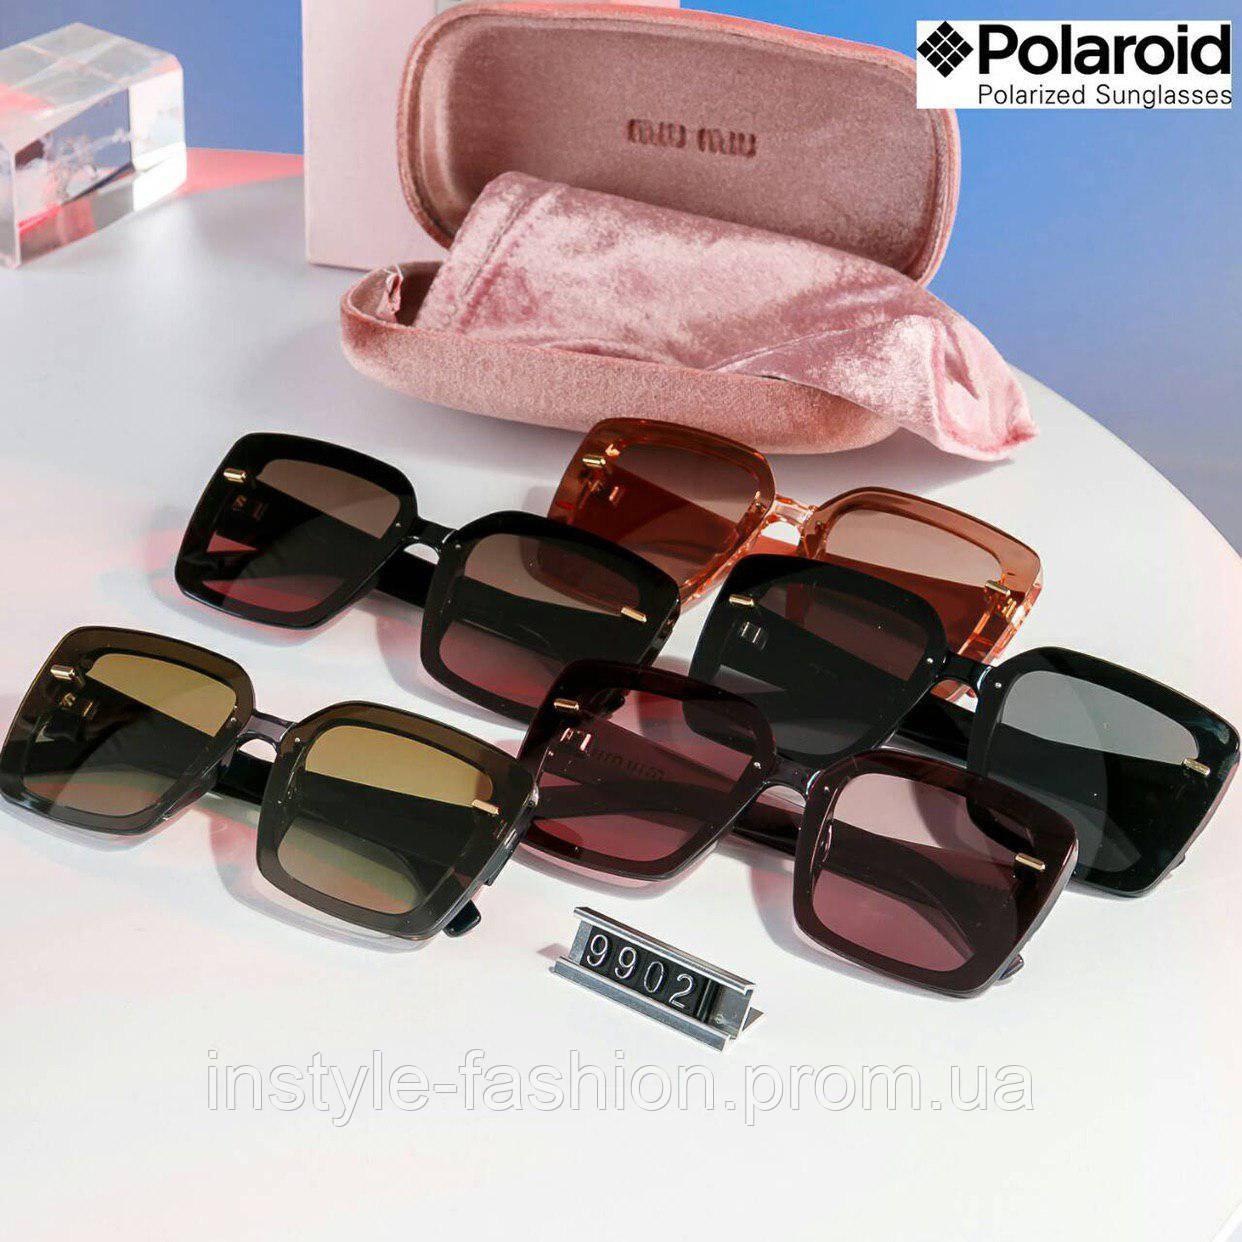 6a15a7665270 Брендовые женские очки копия Miu Miu Миу Миу polaroid квадратные ...